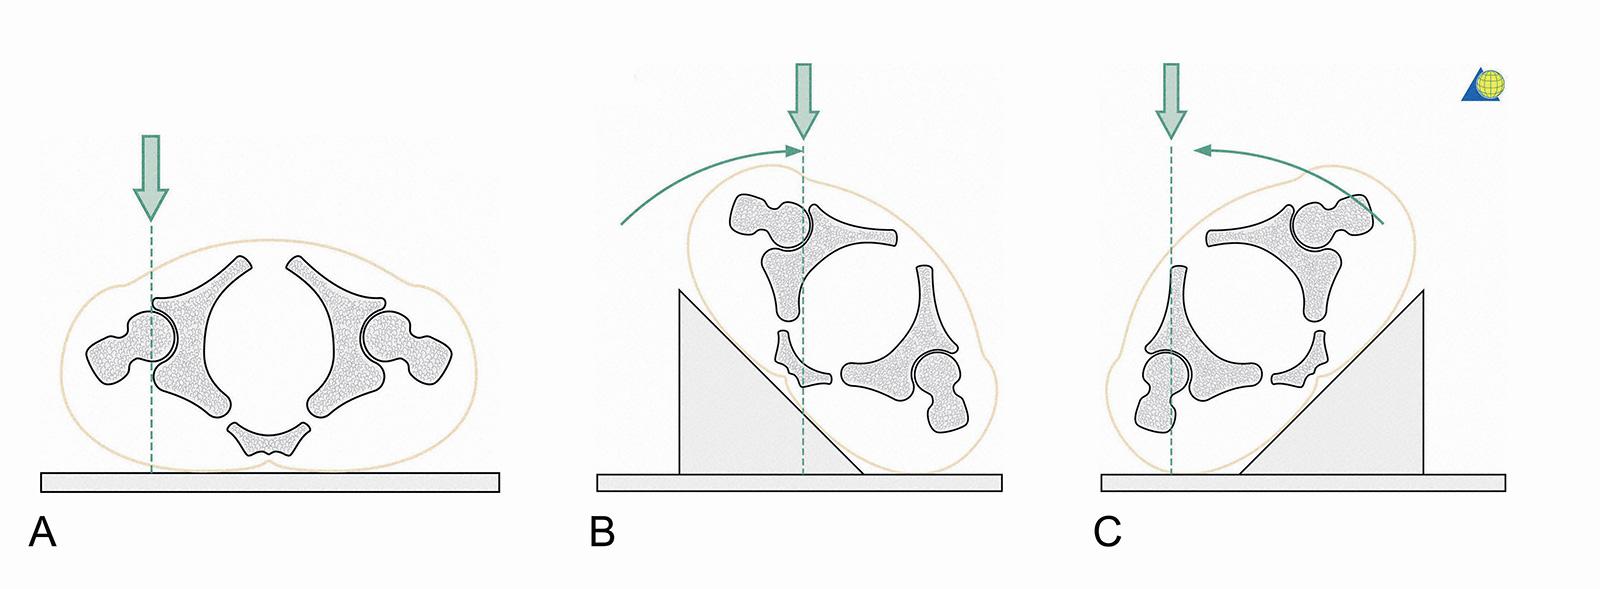 Abb. 3-19: Röntgenbildgebung: AP (A), Obturator-Aufnahme (B), Ala-Aufnahme (C), (mit freundlicher Genehmigung von AO Publishing, Copyright © 2003, by AO Publishing, Switzerland)